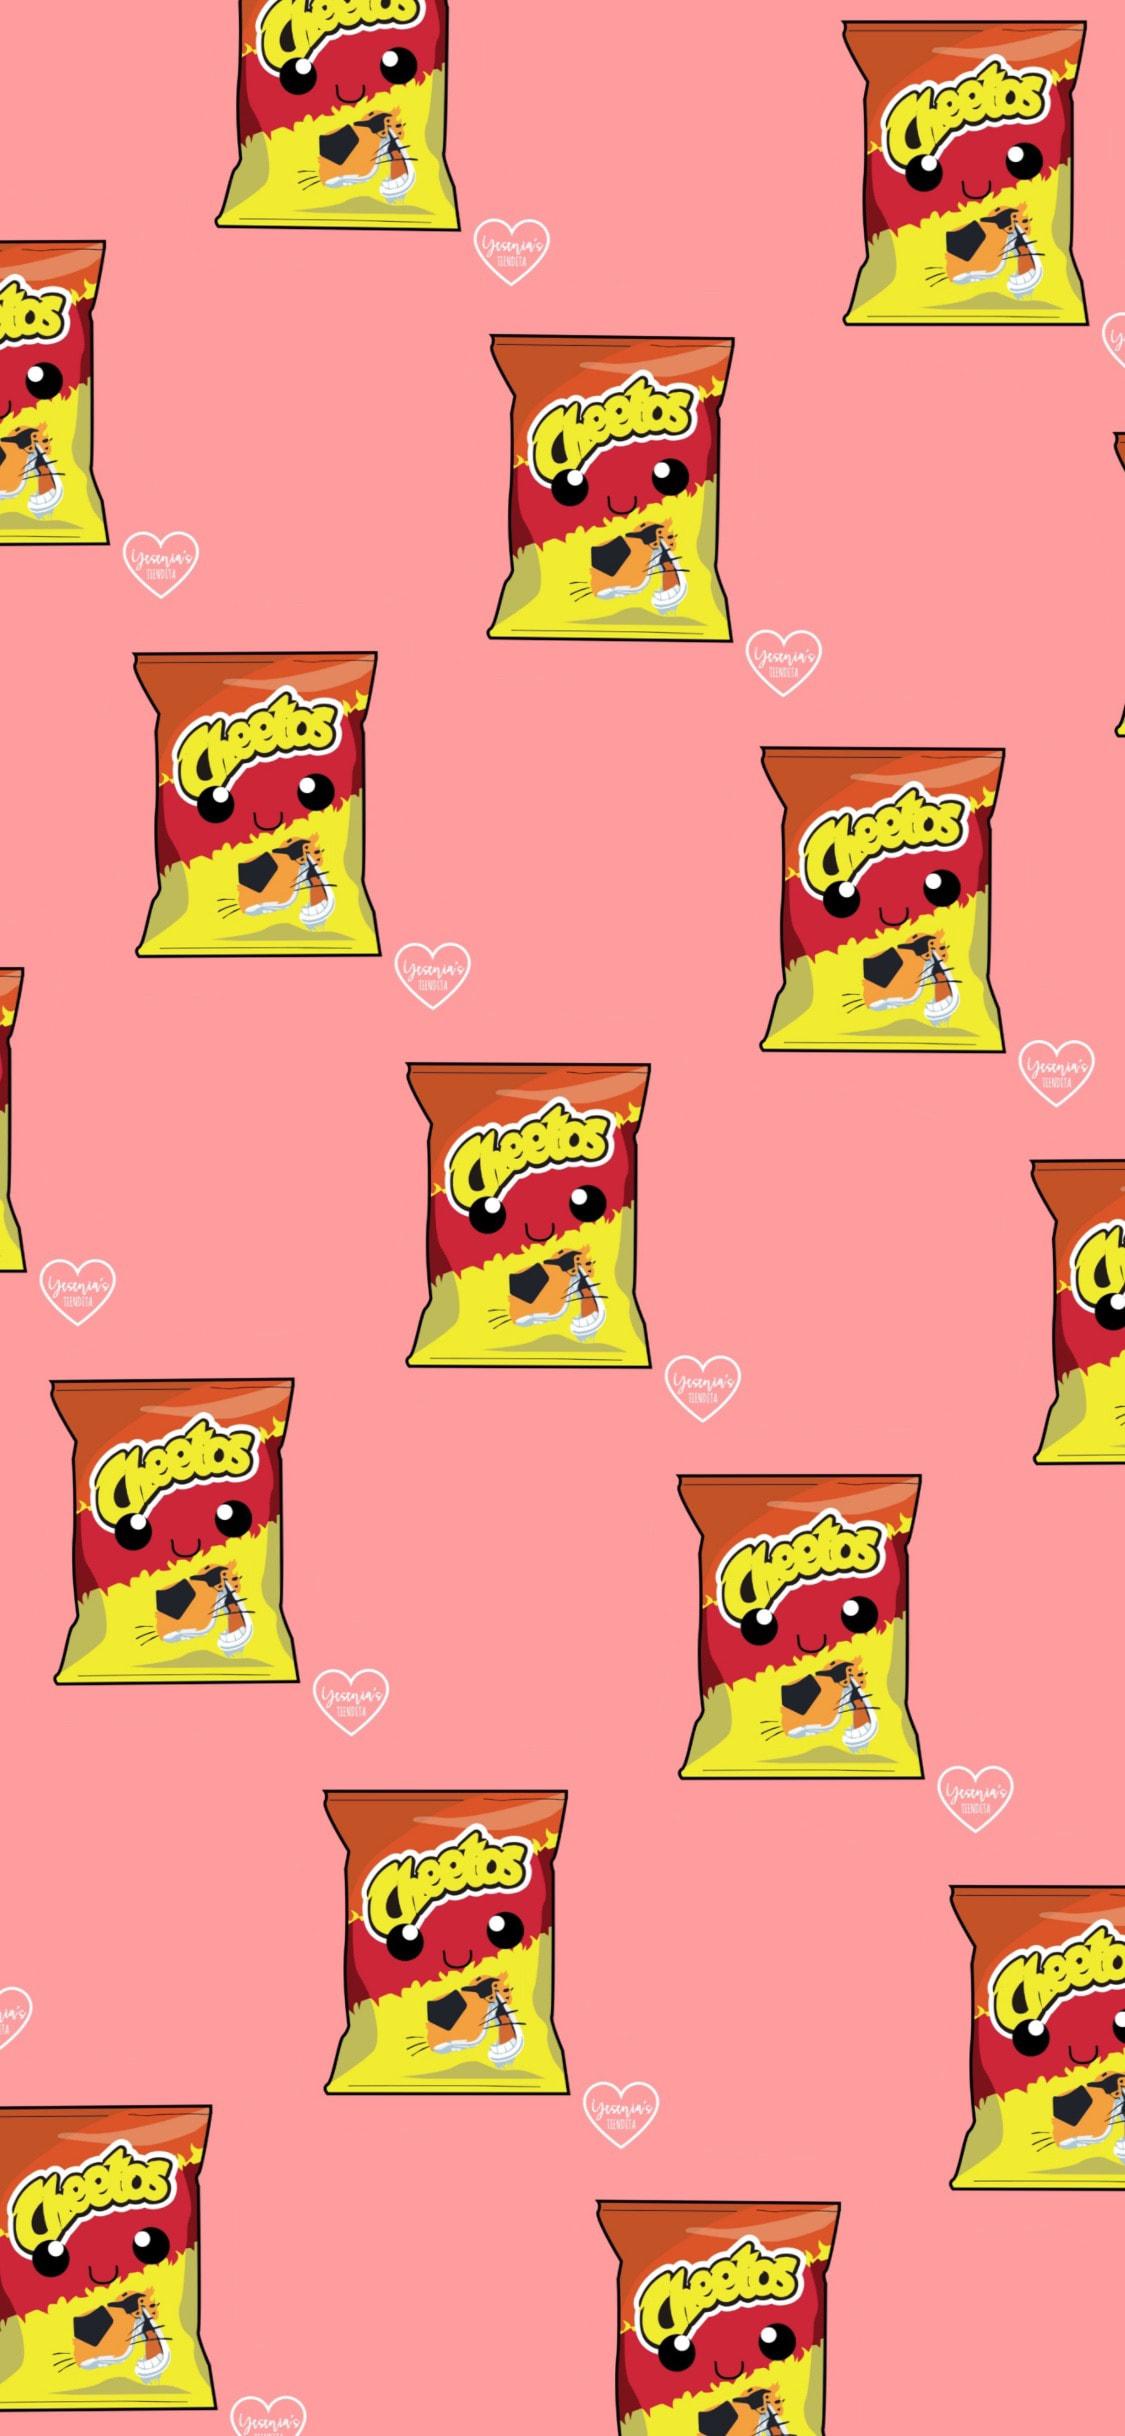 Hot Cheetos Wallpaper 1125x2436